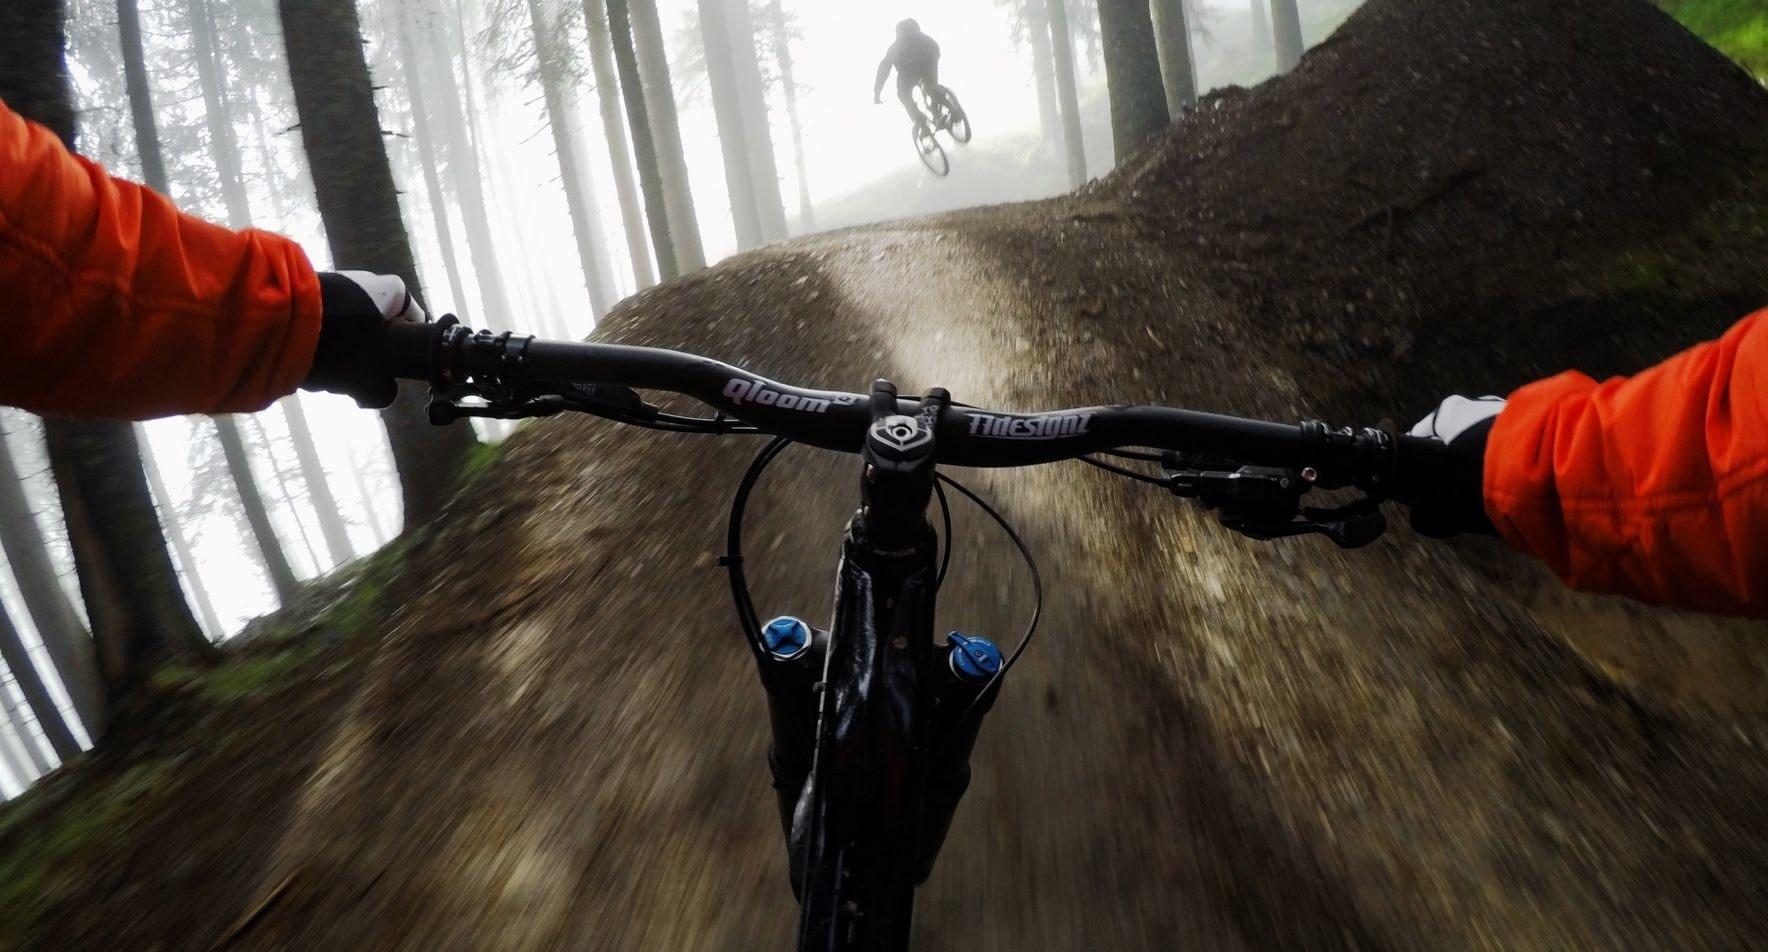 GoPro GoPro Chesty Chest Mount